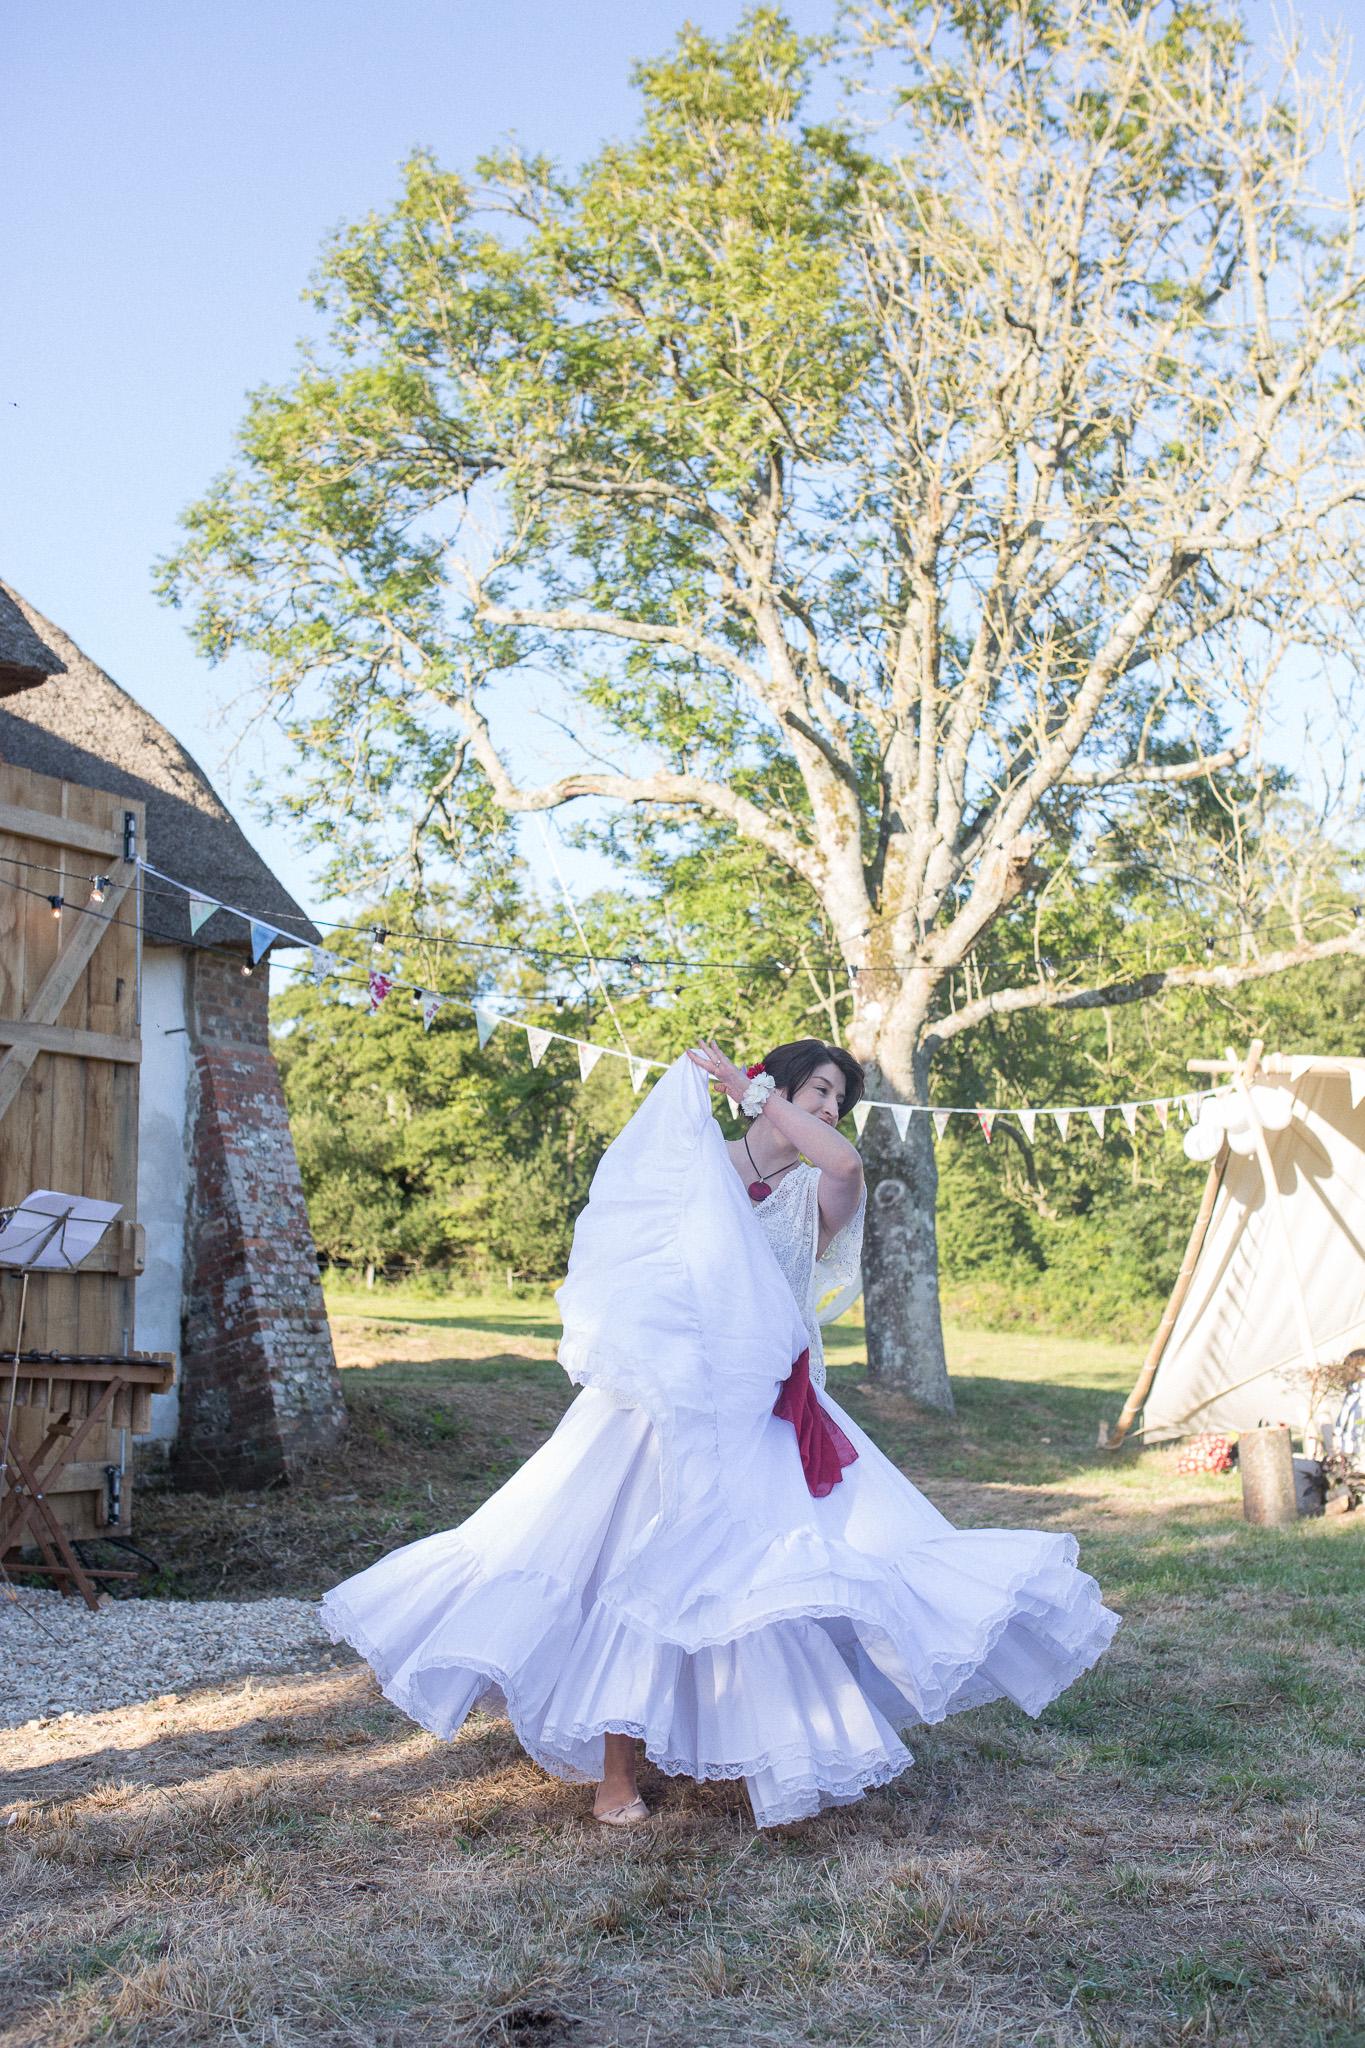 Elisa-Ryan-Rustic-Wedding-Blog-169.jpg